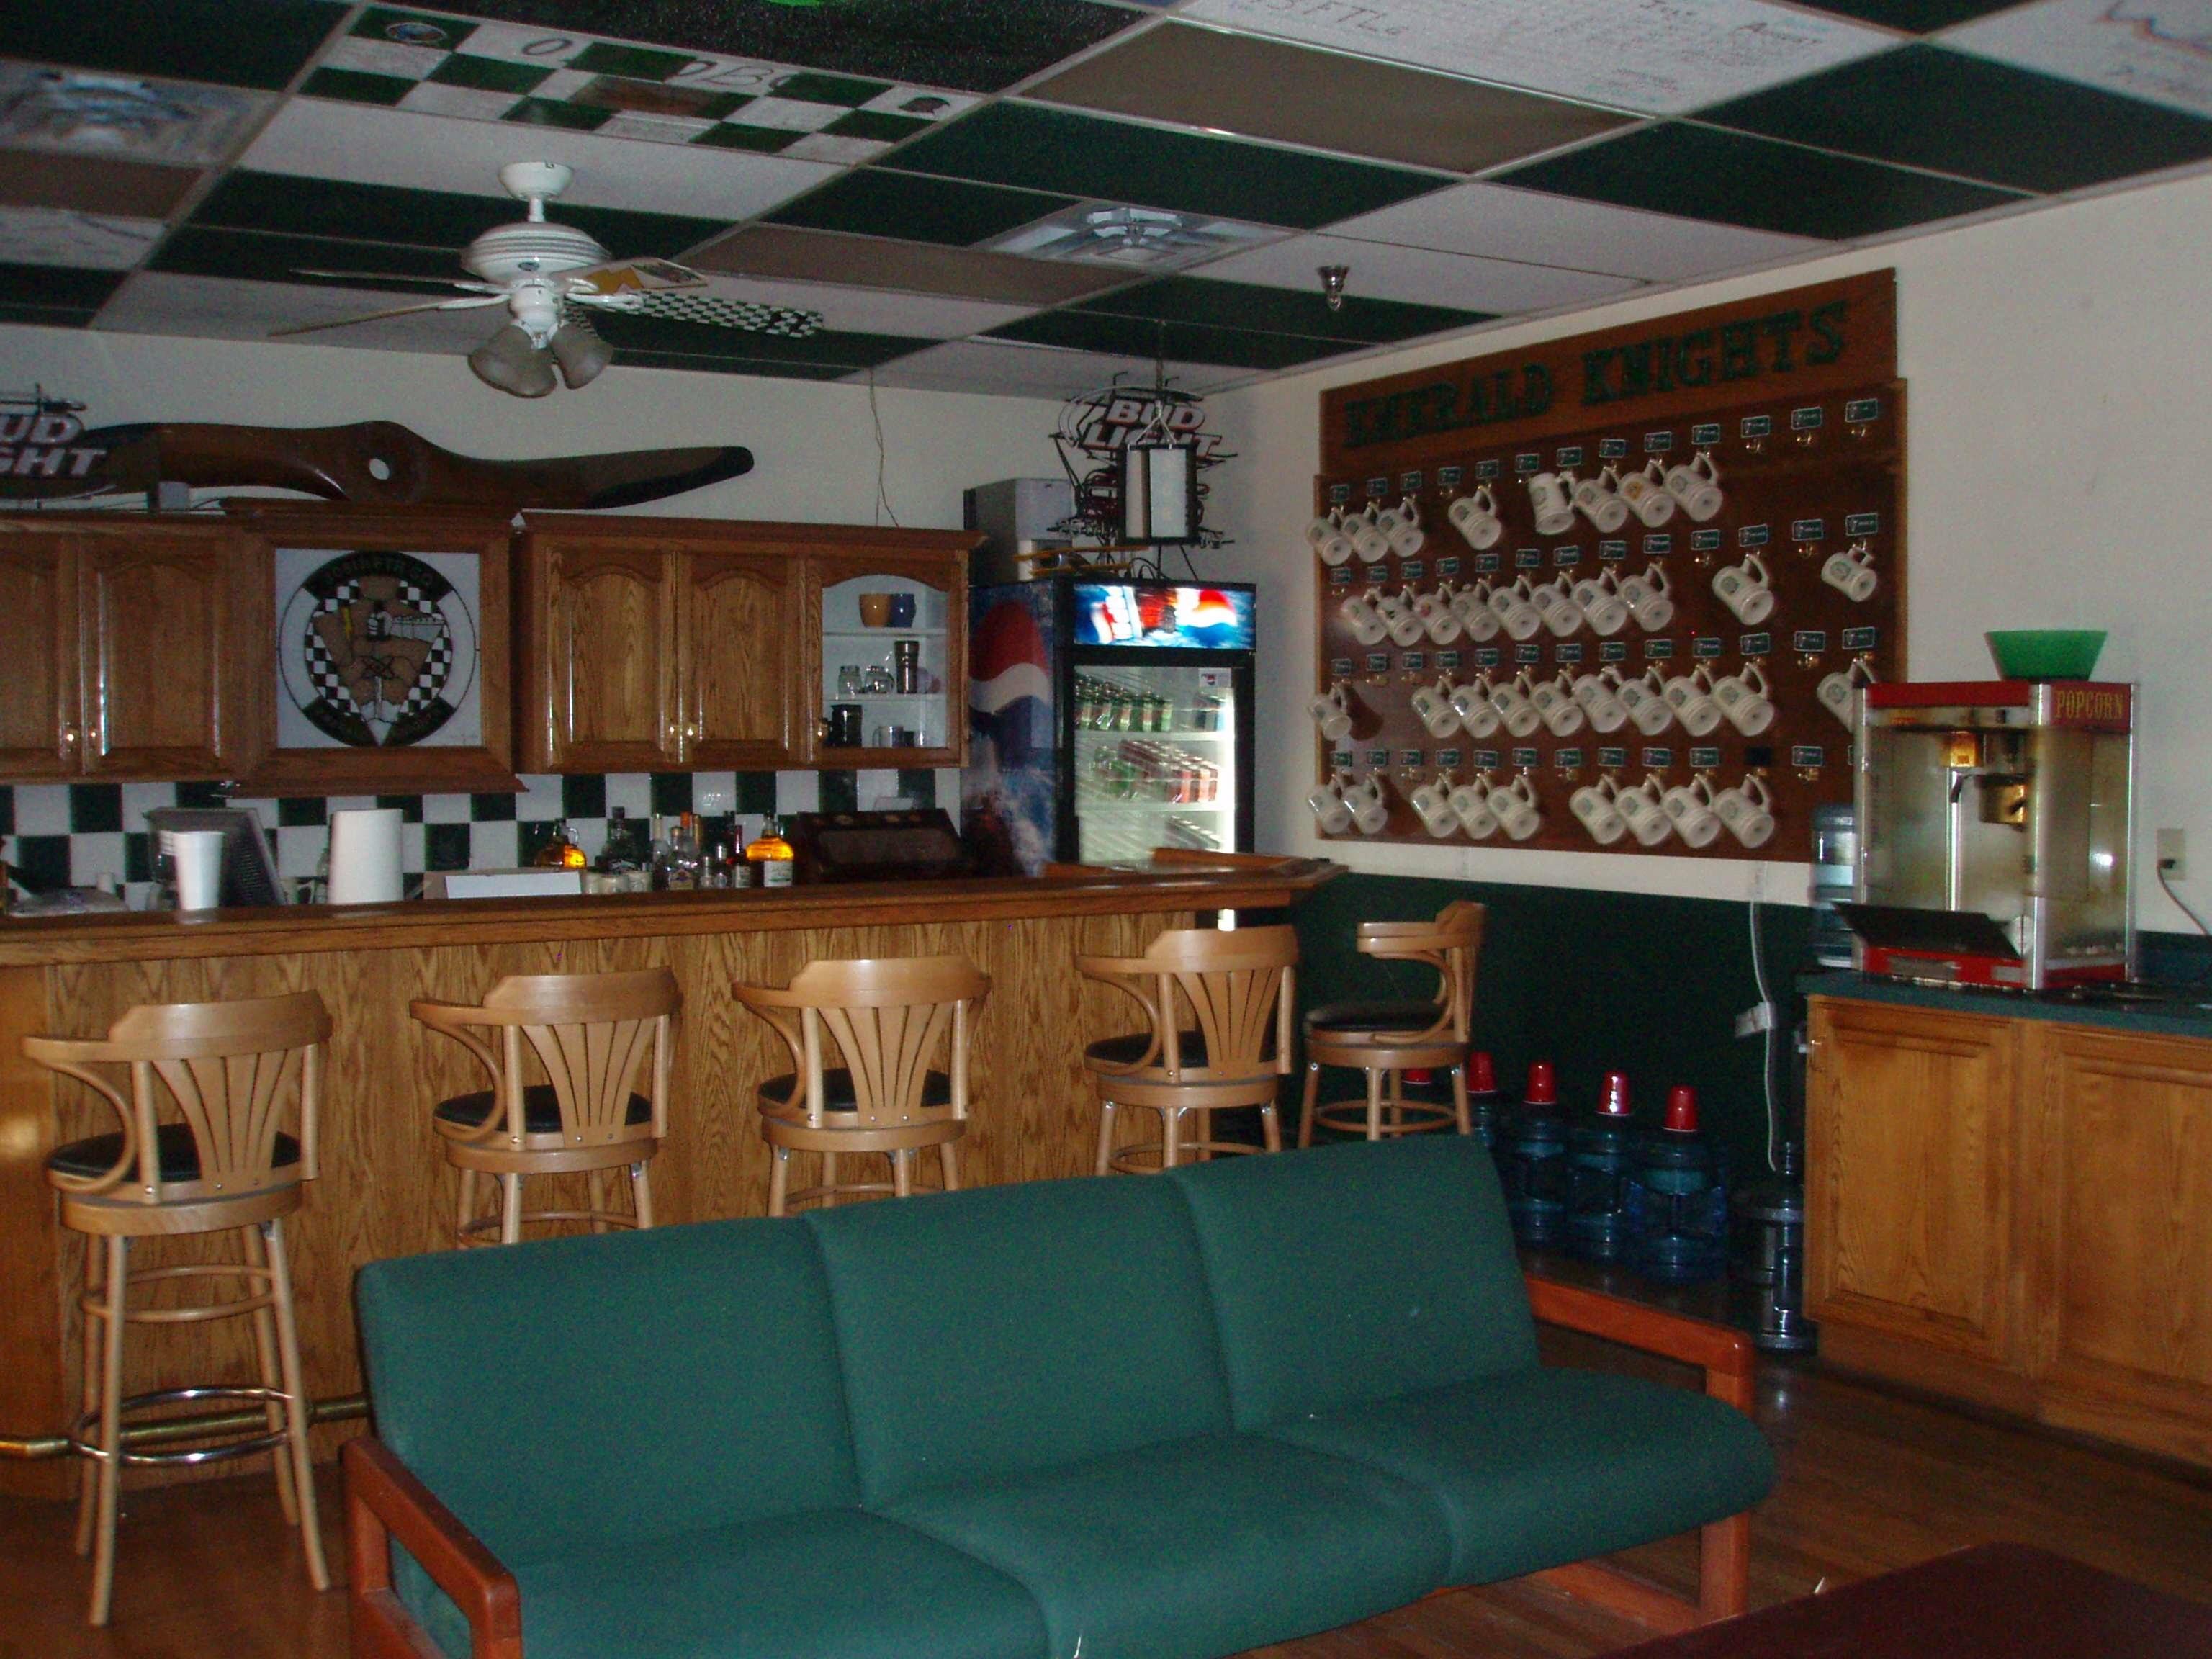 Temporary Emerald Knight's bar.